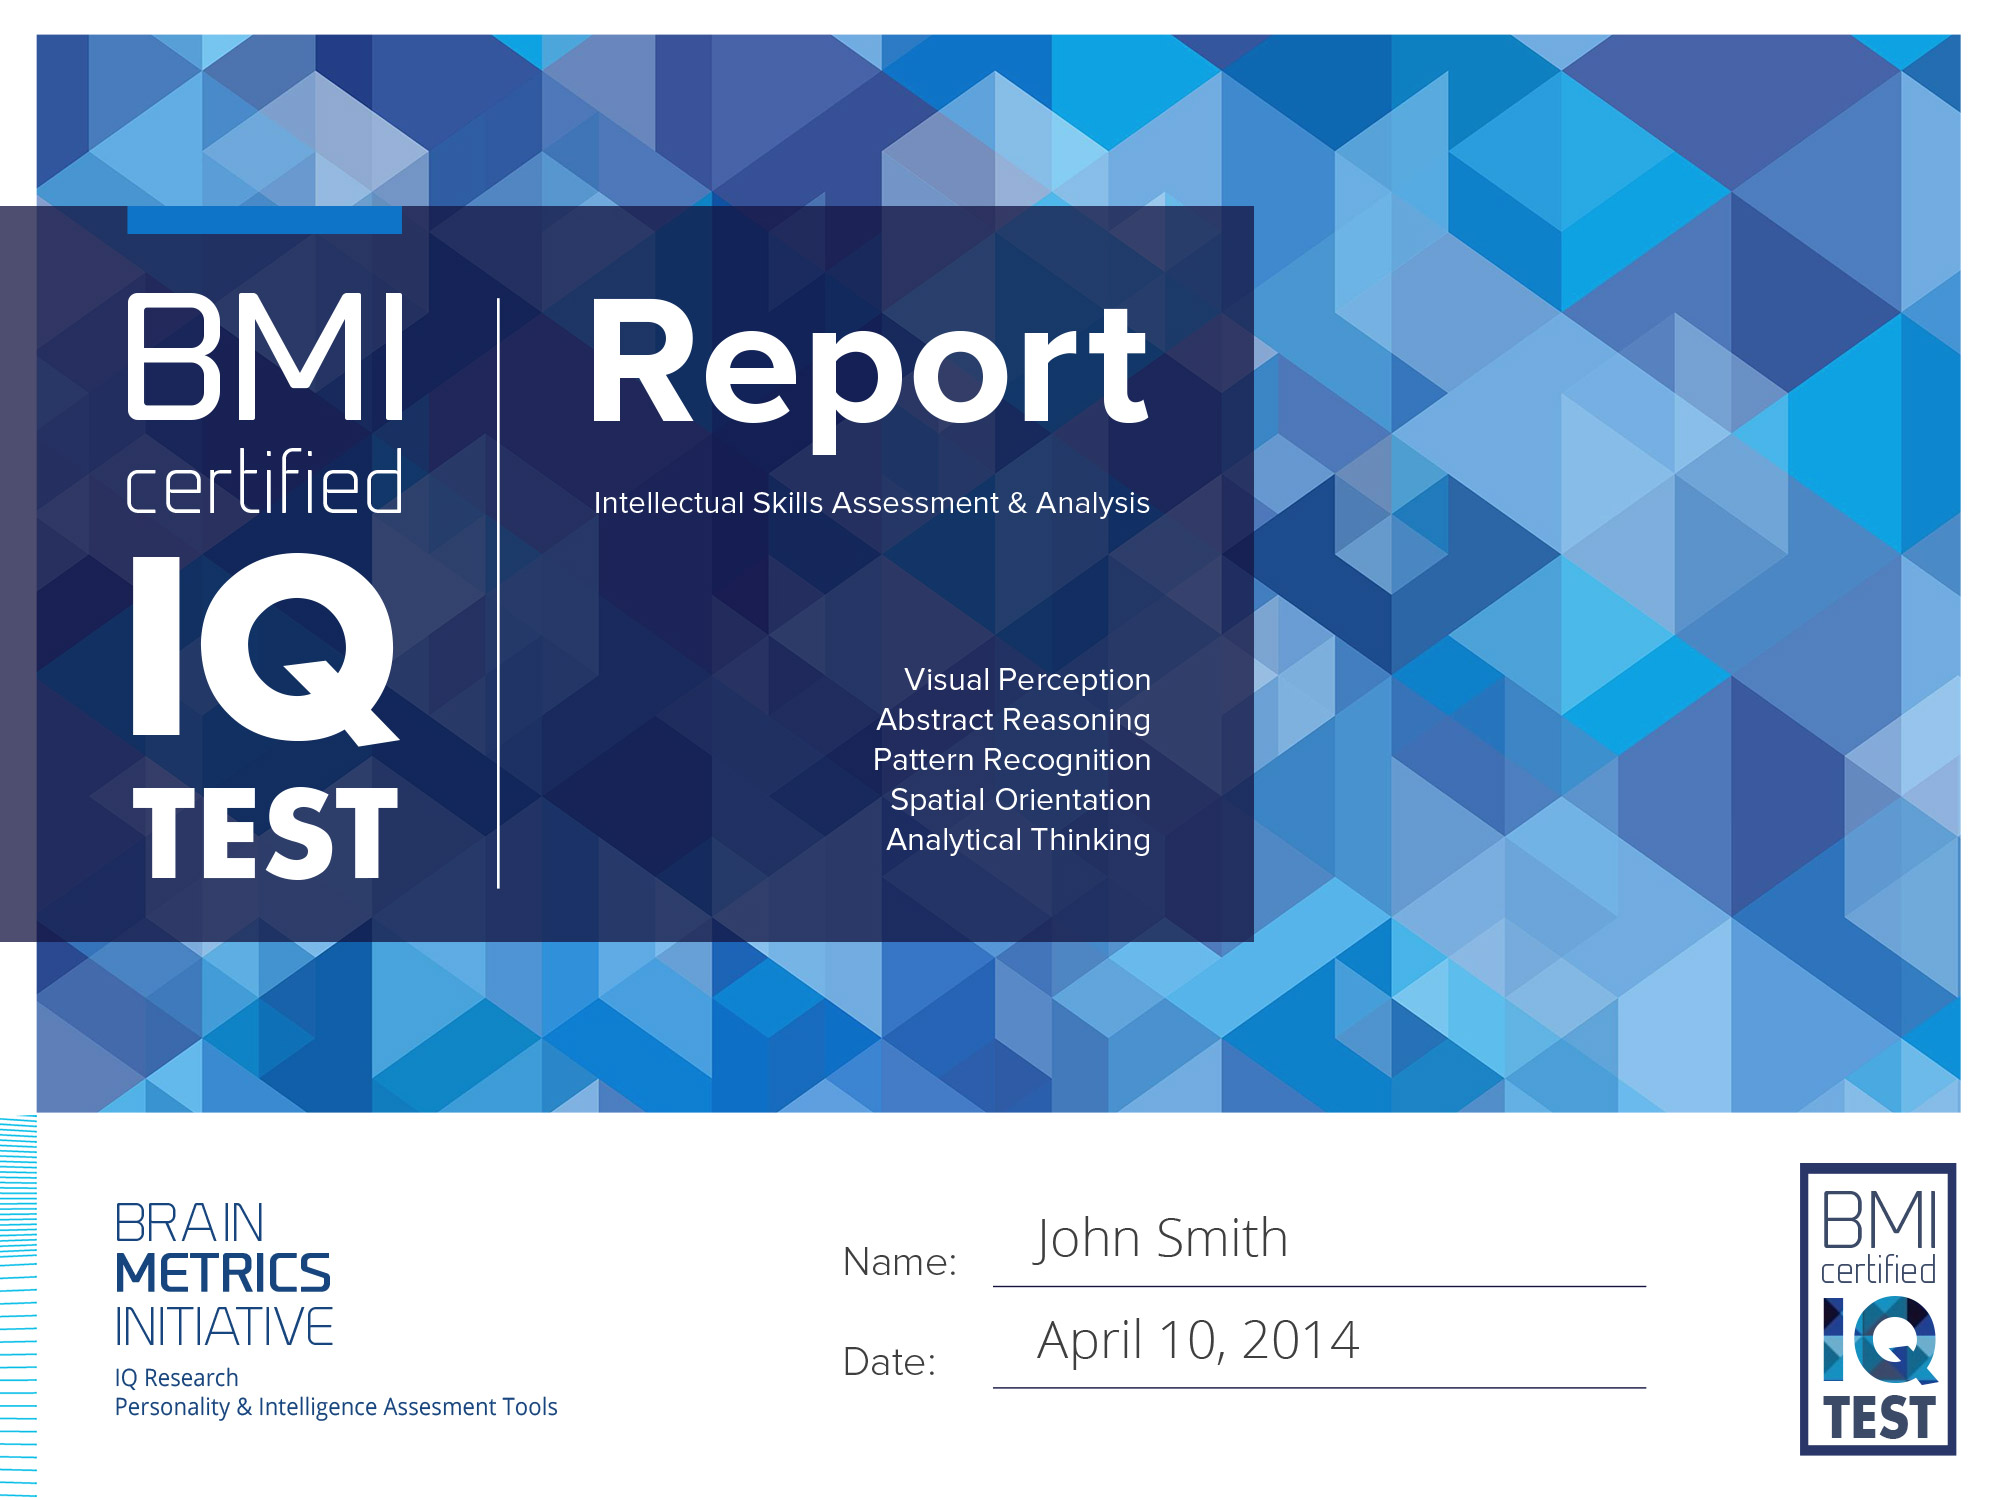 BMI Certified IQ Test Report